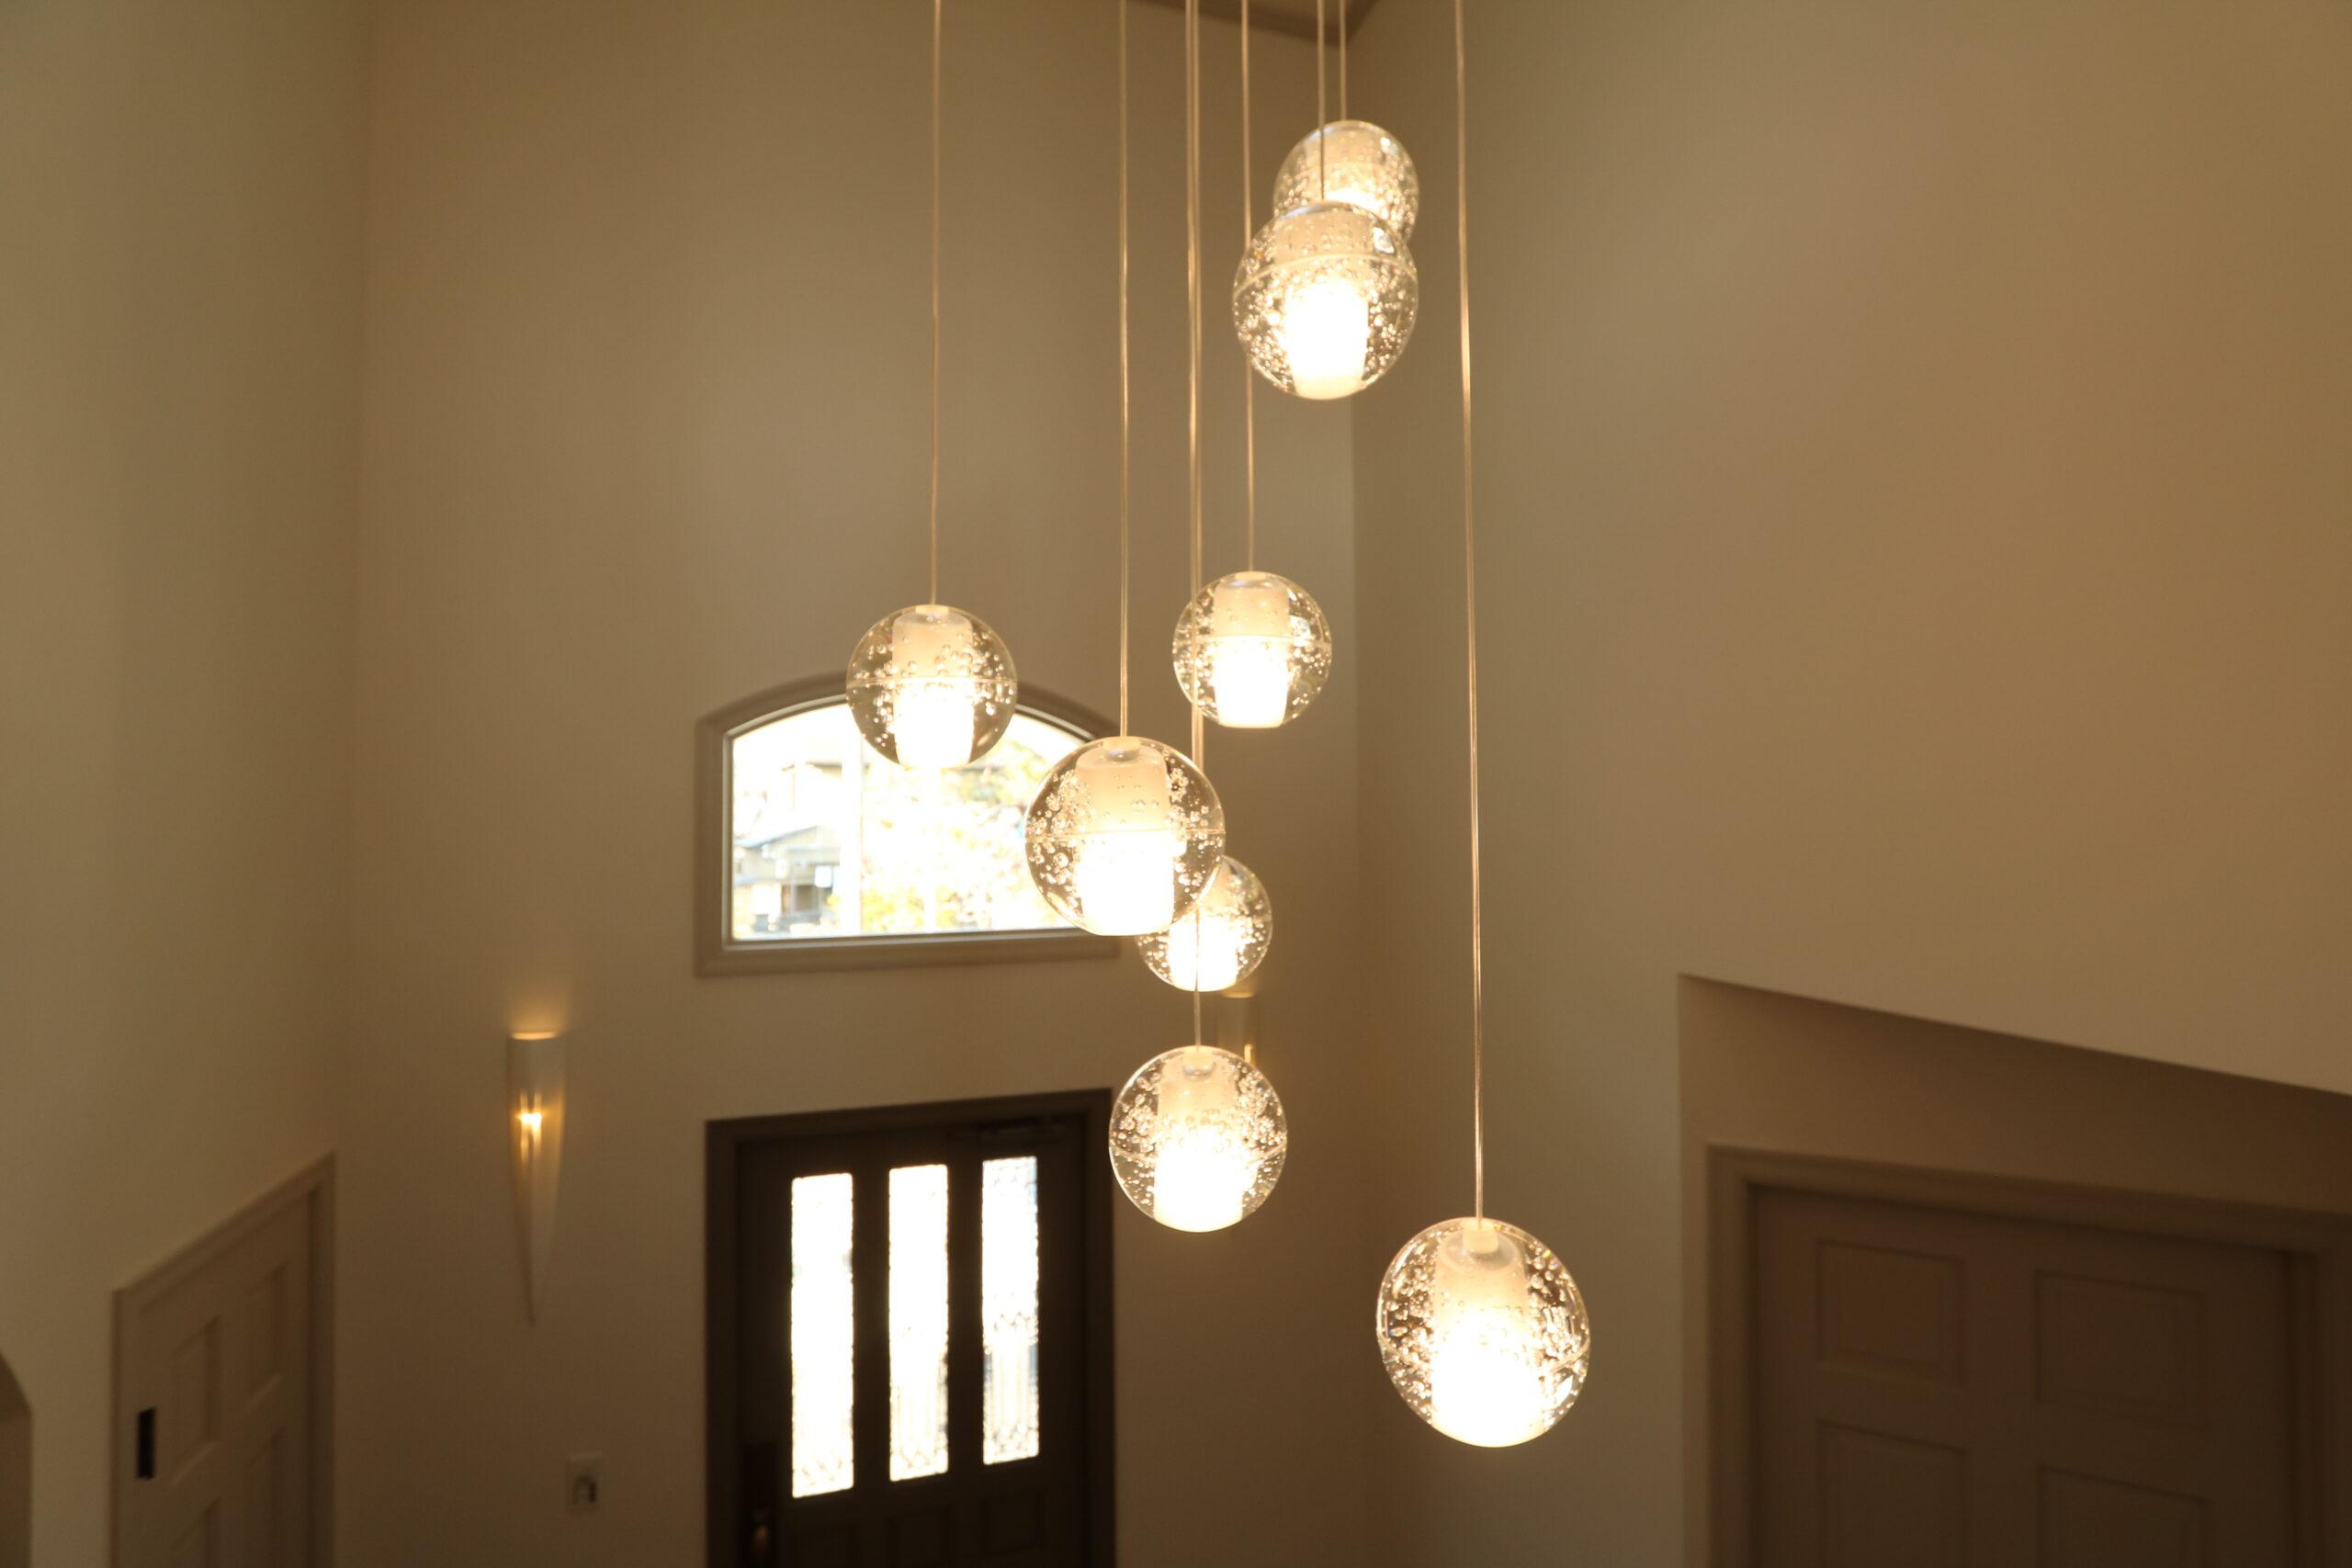 丸いガラス玉のシャンデリア照明